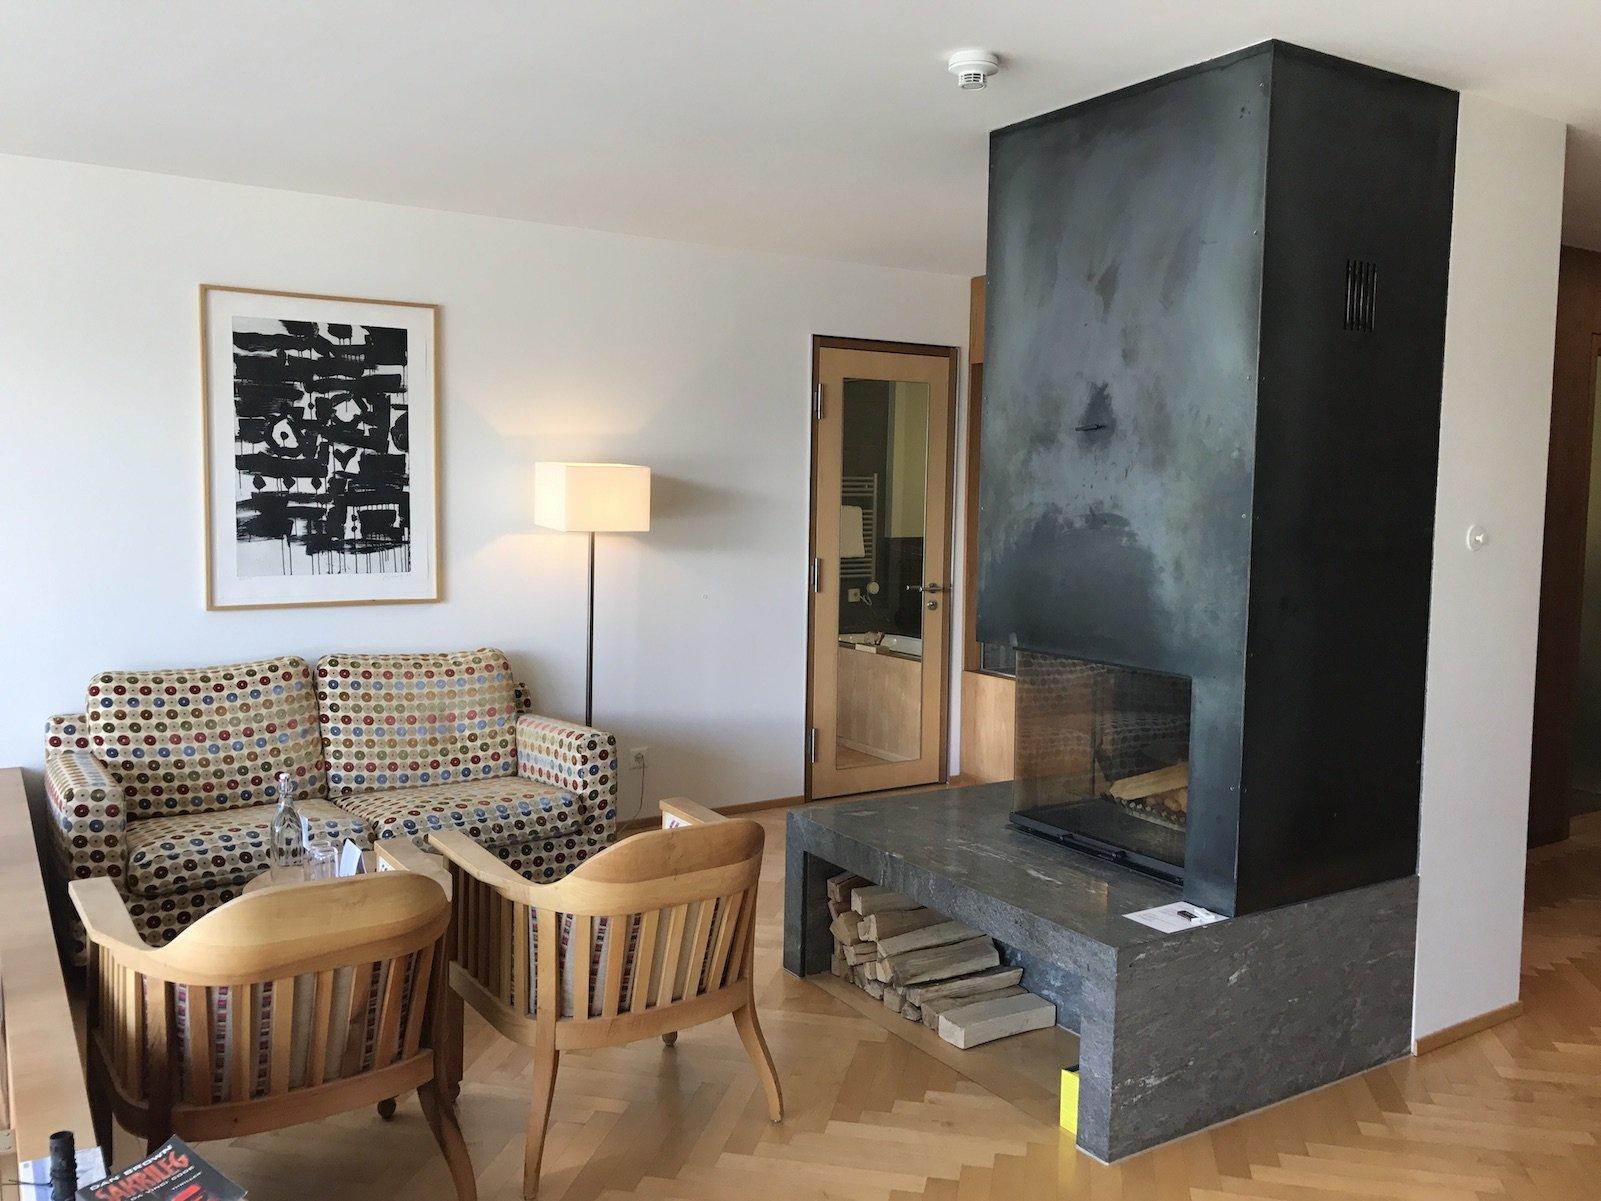 Oberer Bereich der Junior Suite im Waldhotel Davos - Sitzgelegenheiten und großer Kamin